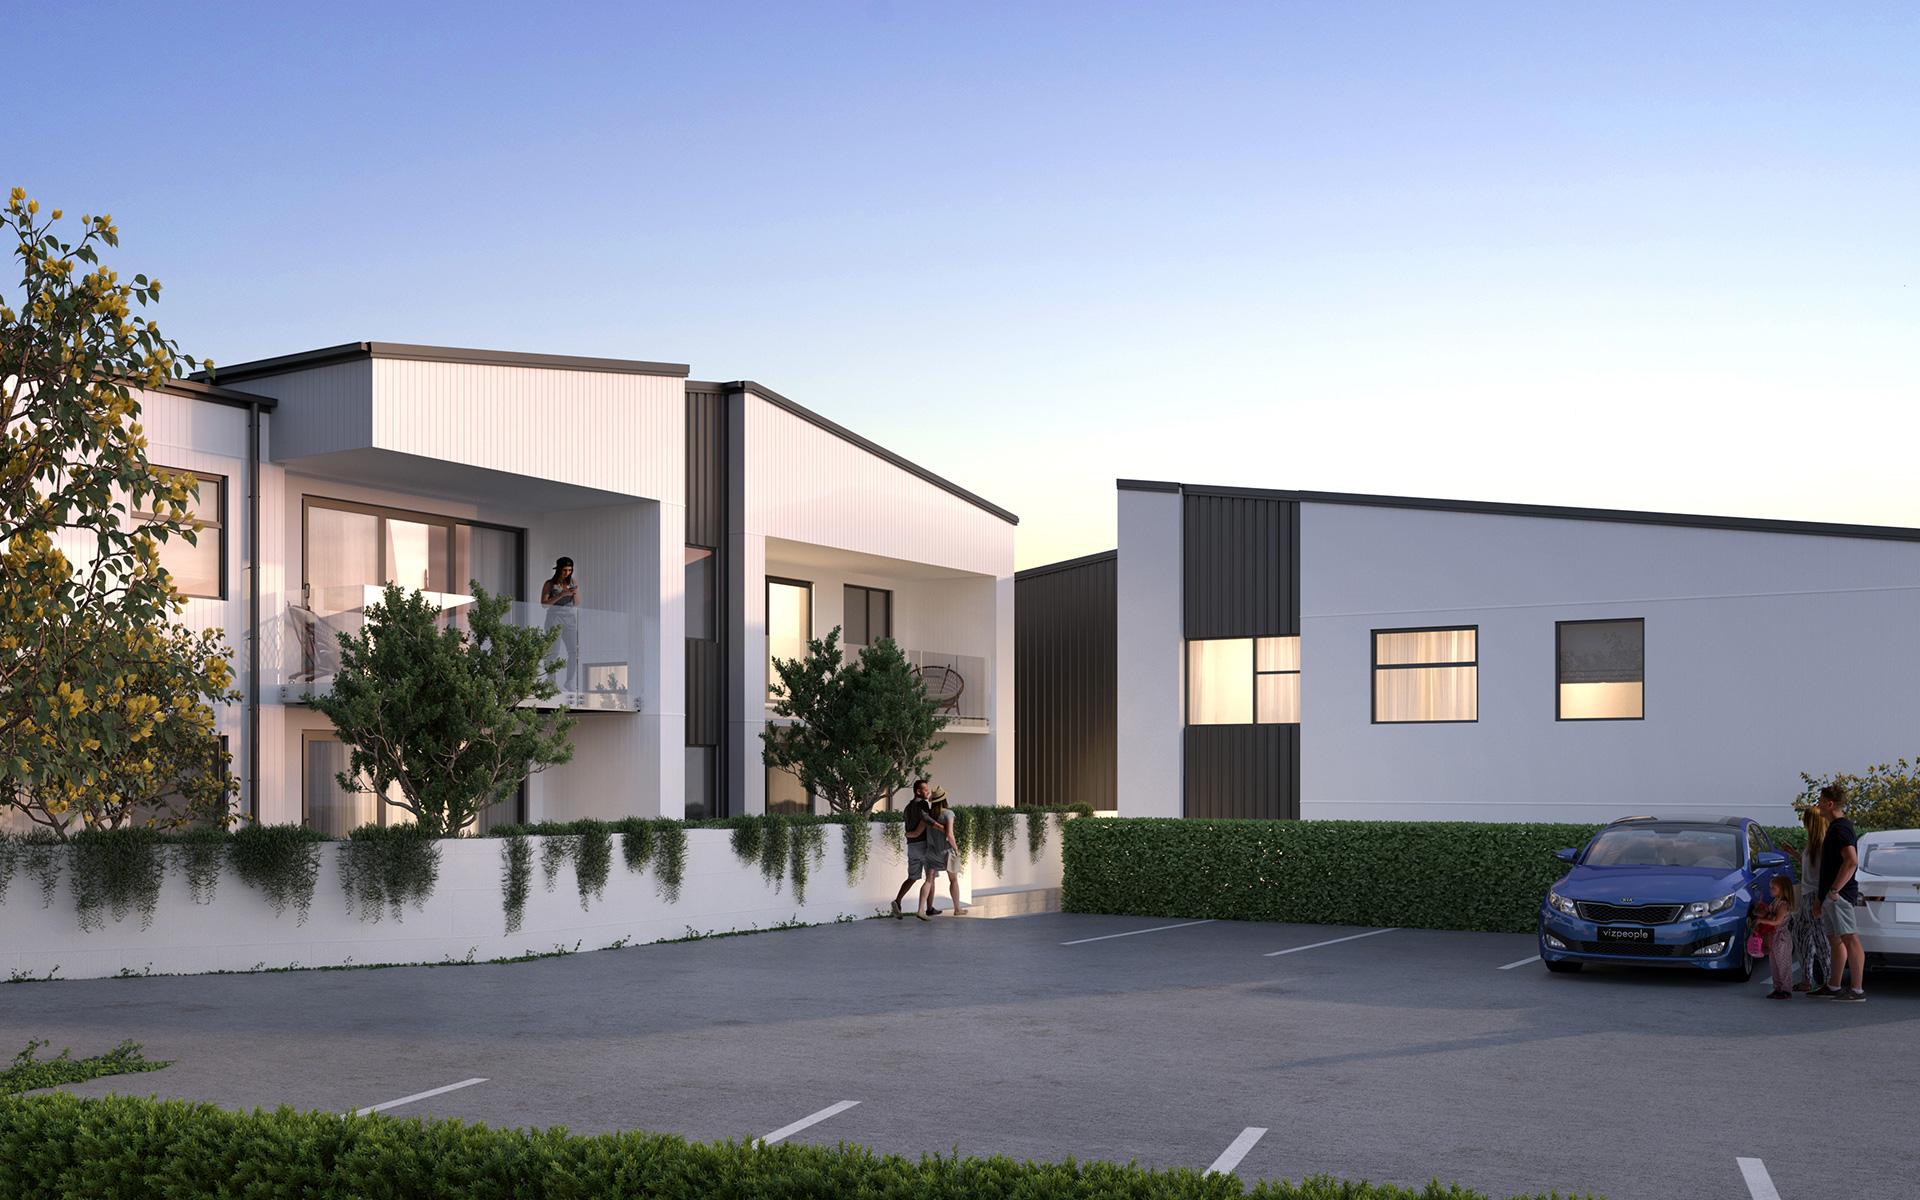 https://nestorinvest.com/wp-content/uploads/2021/02/114-Hillside-Residence-3.jpg